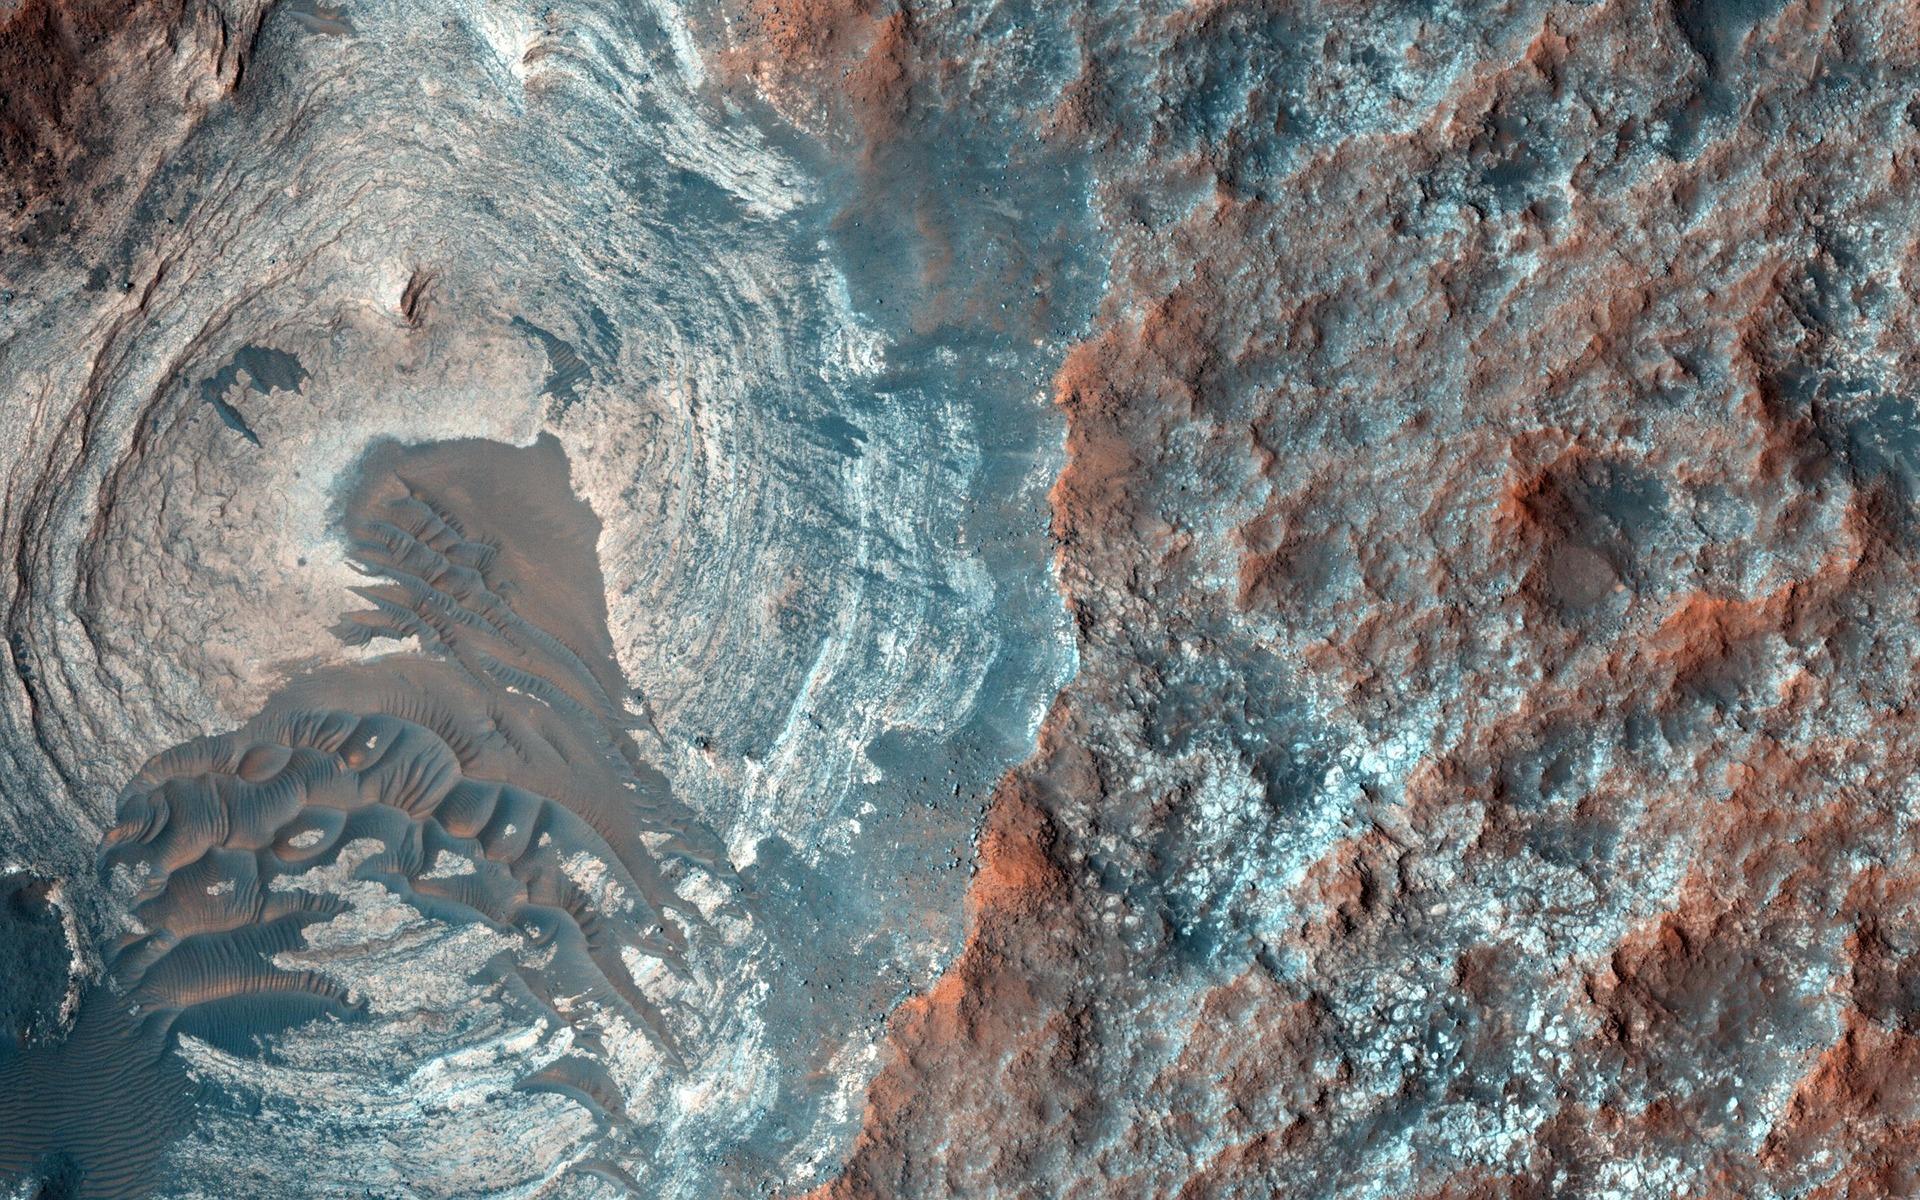 vista aérea, Rocas, montanhas, Terra, cores - Papéis de parede HD - Professor-falken.com